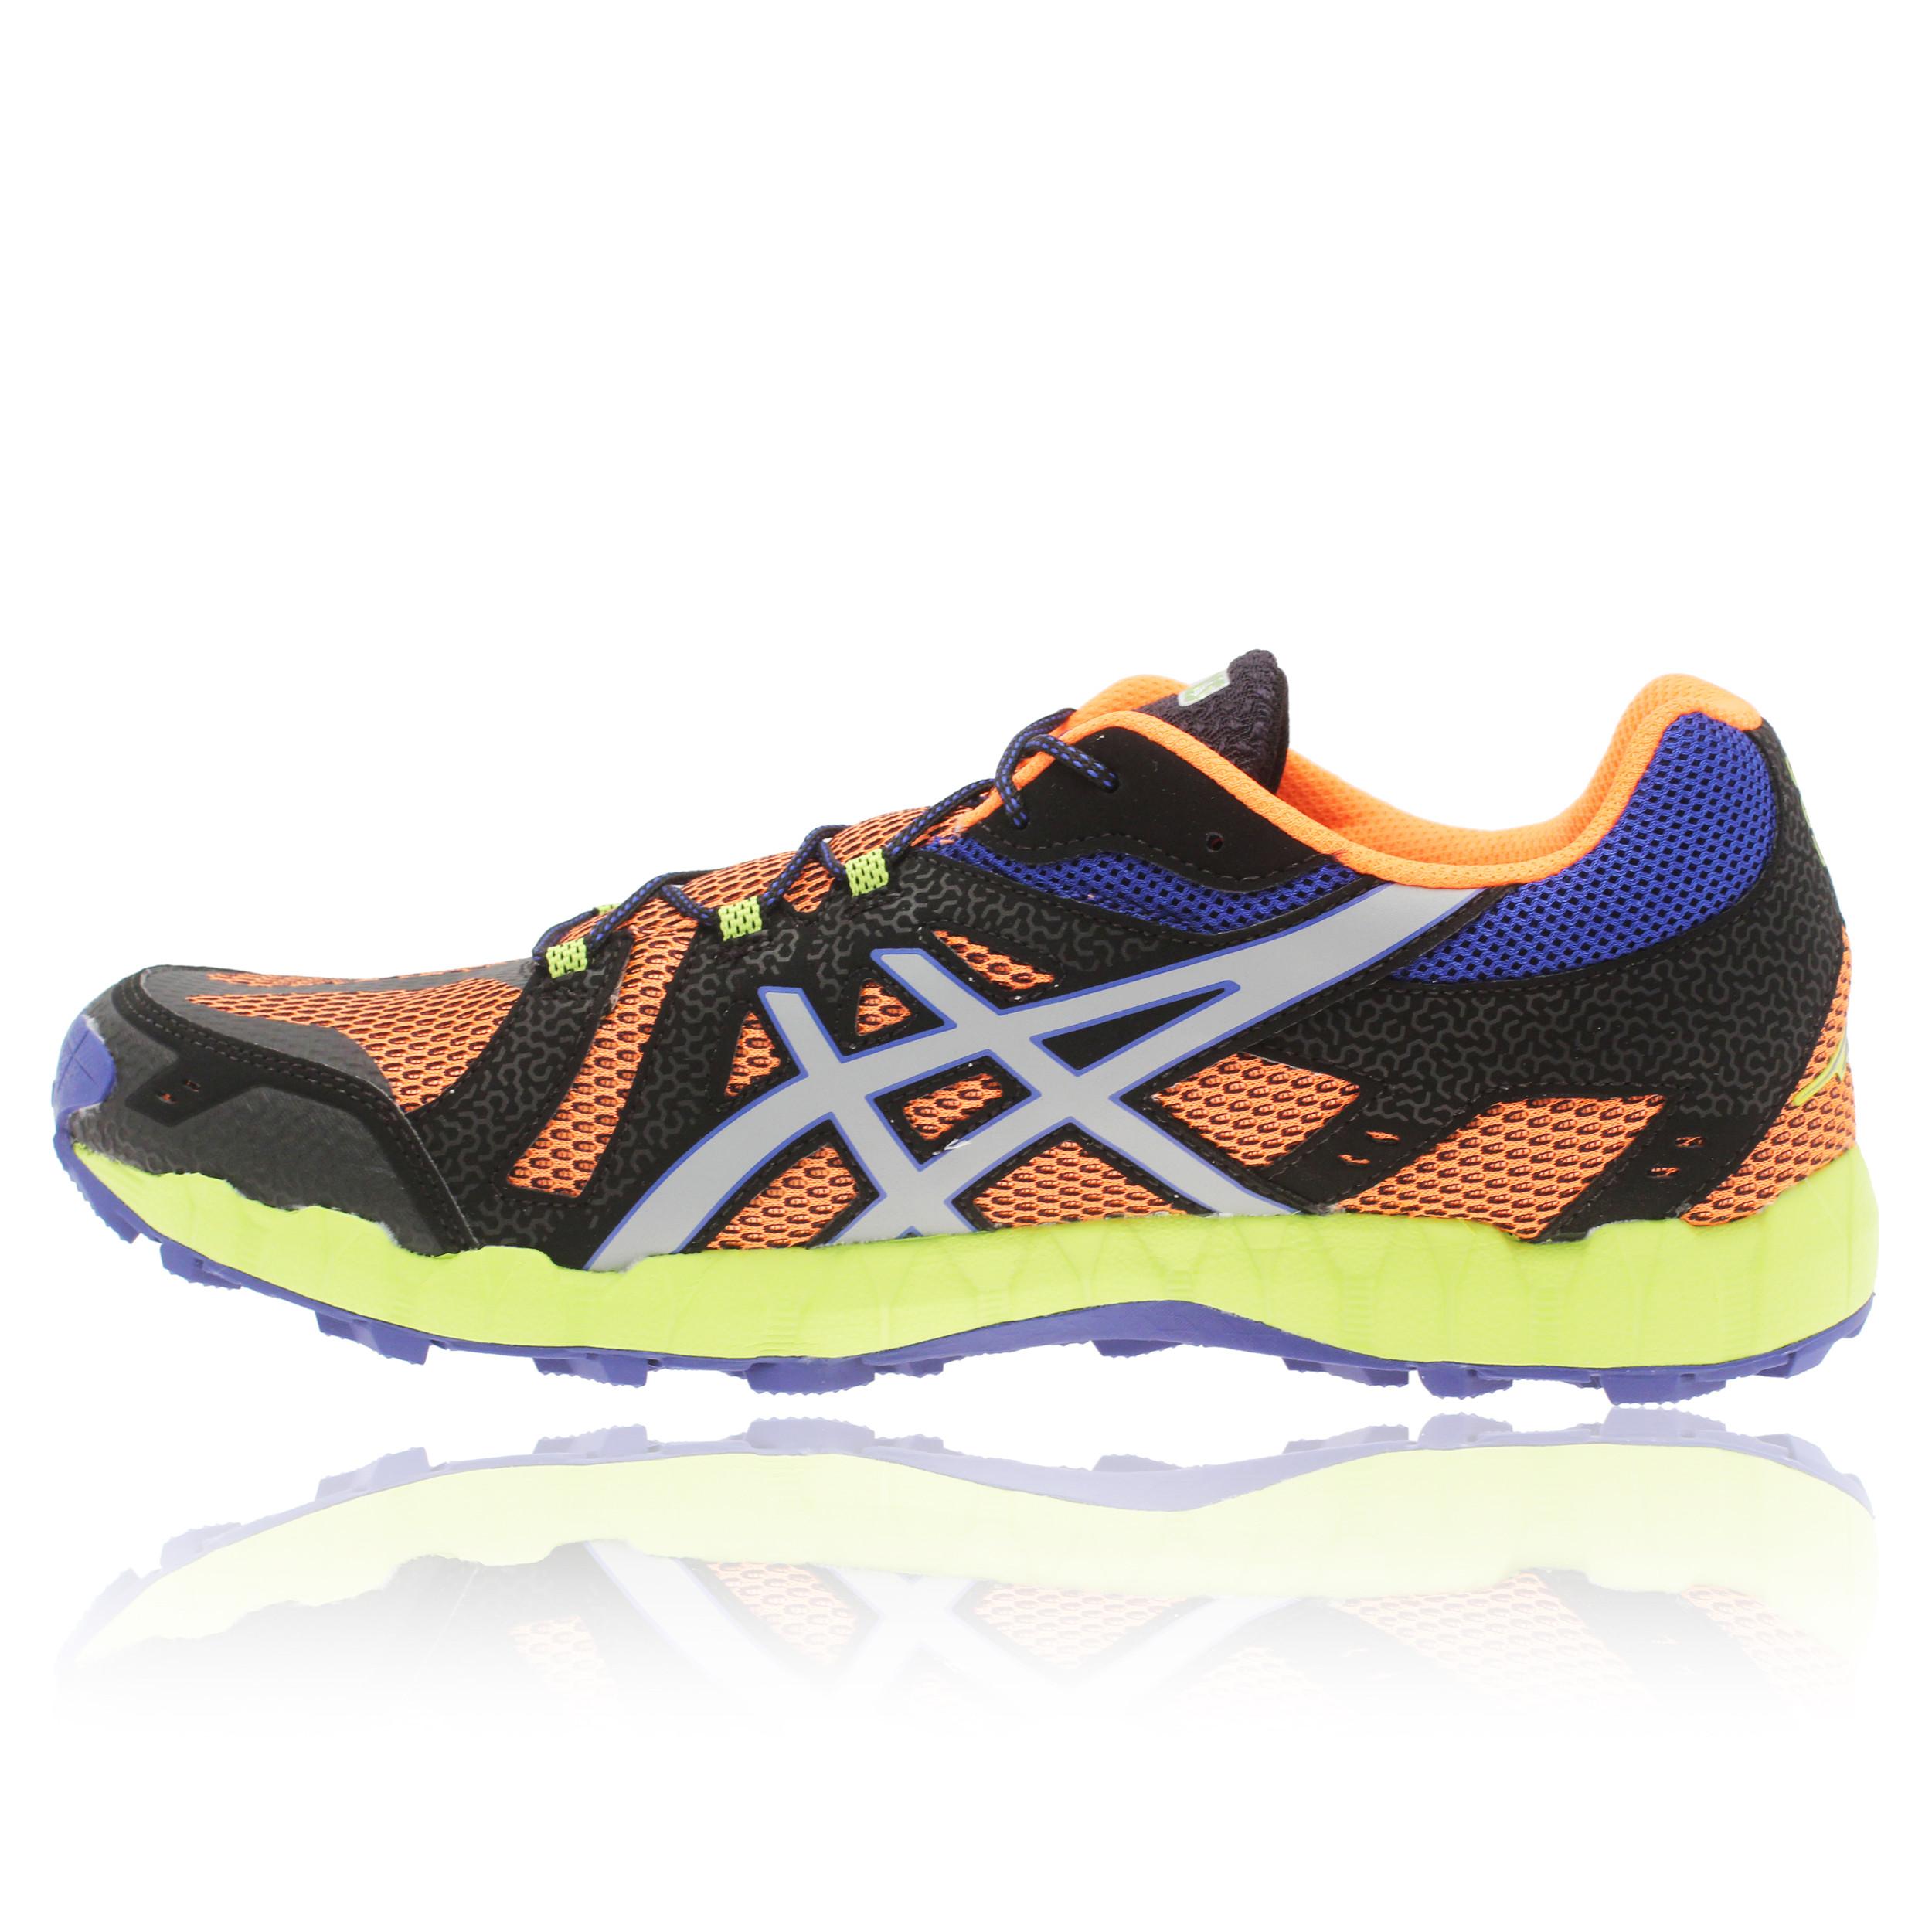 Asics Trail Running Shoes For Underpronators